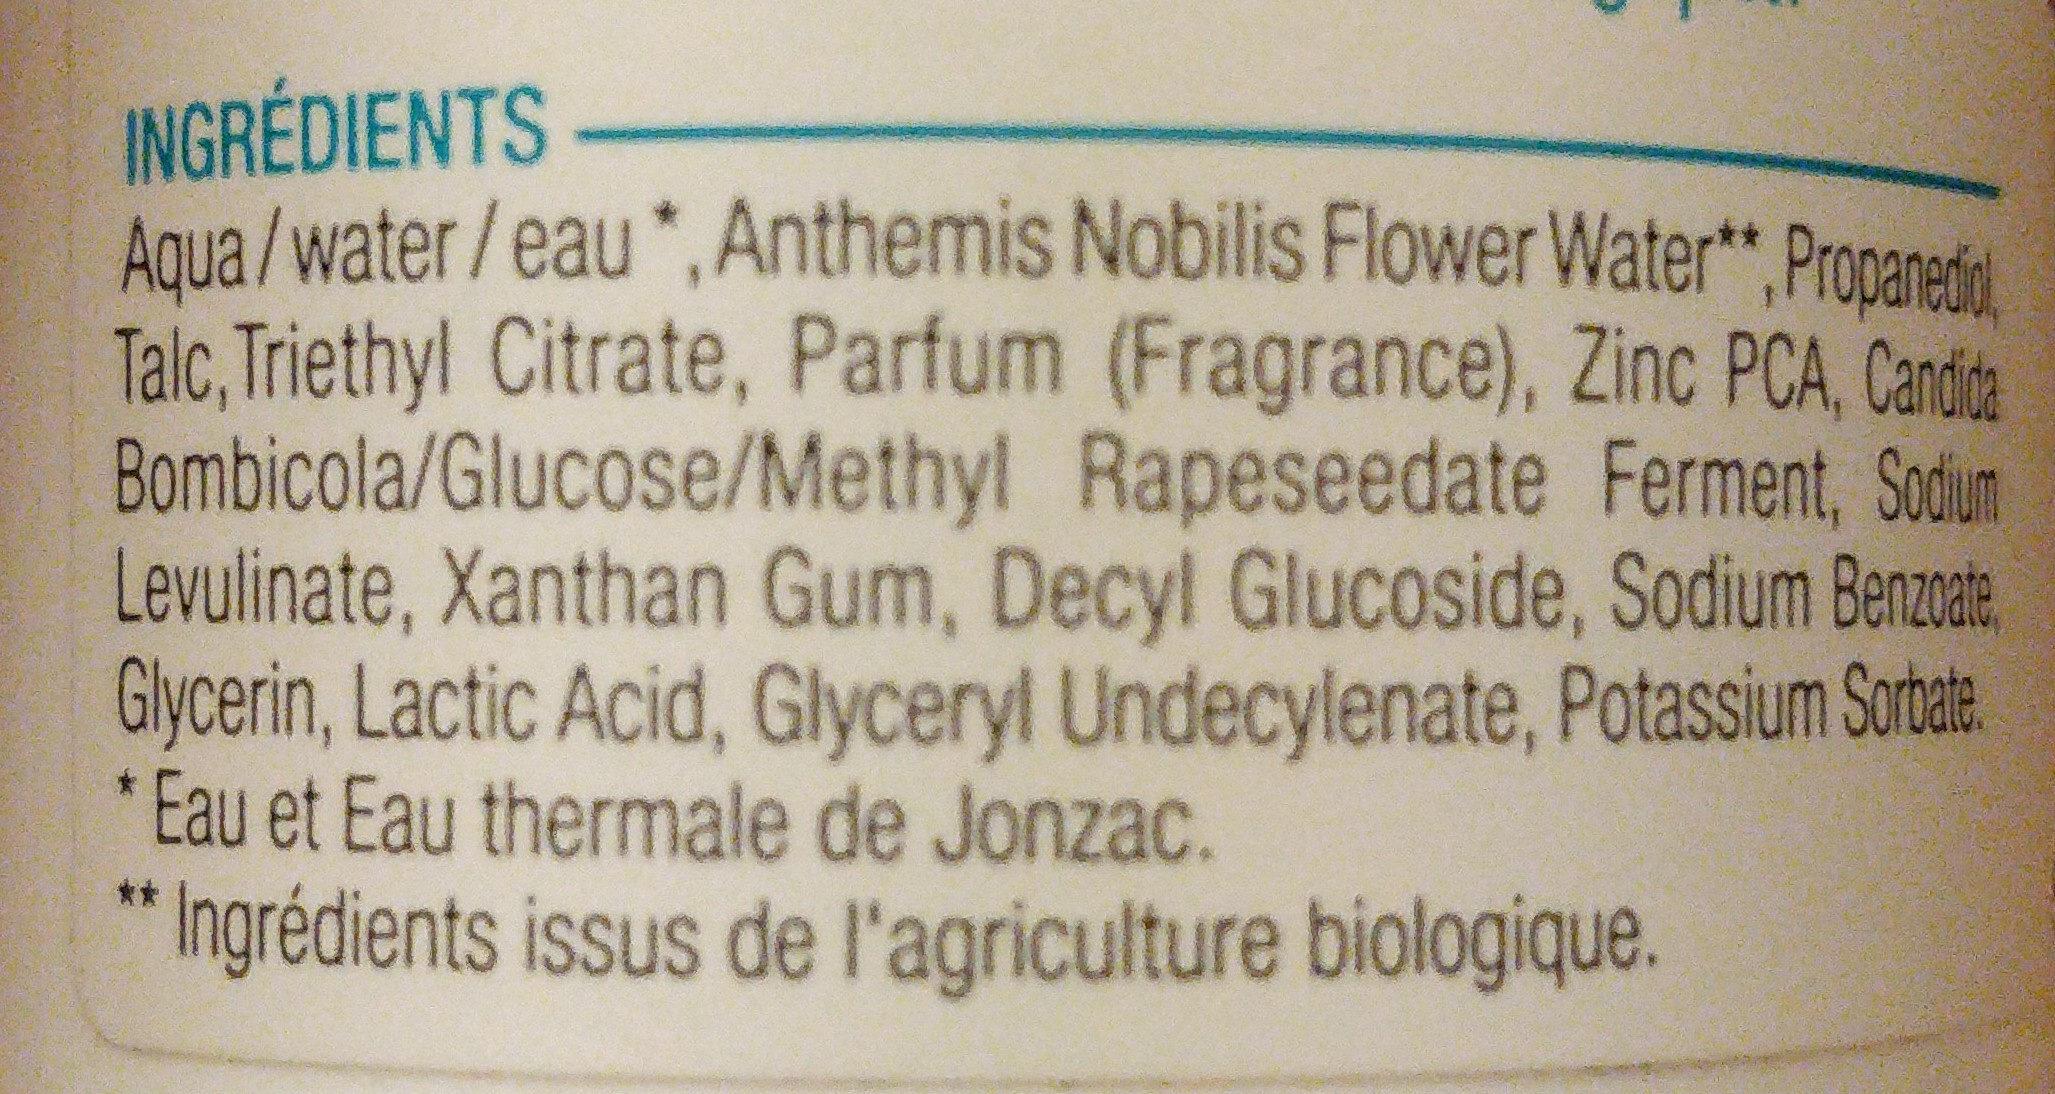 Déo eau thermale Jonzac - Ingredients